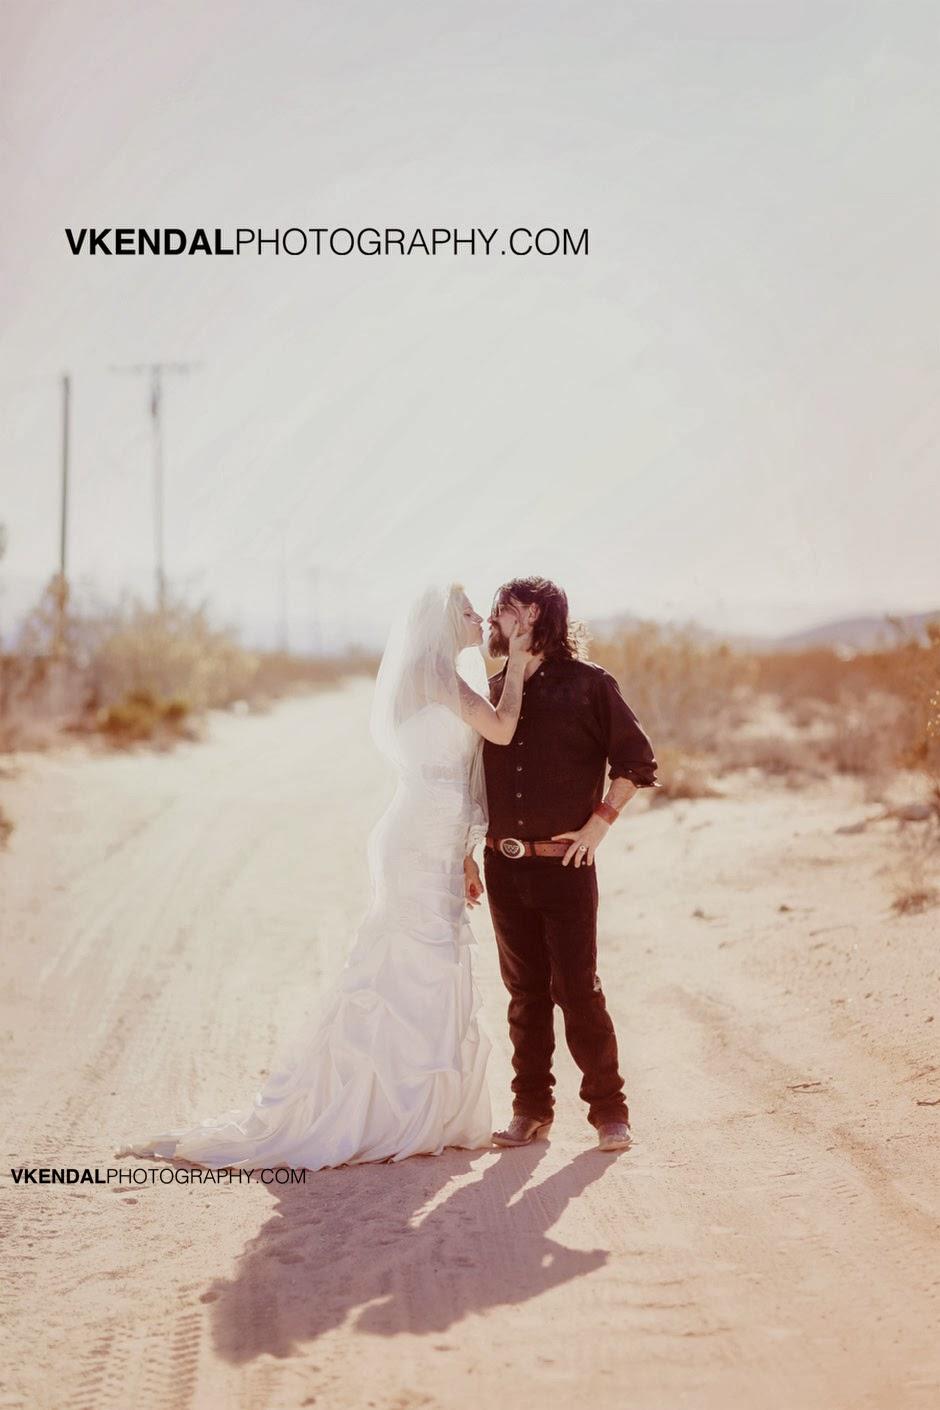 v  kendal photography  shooter waylon jennings  u0026 misty